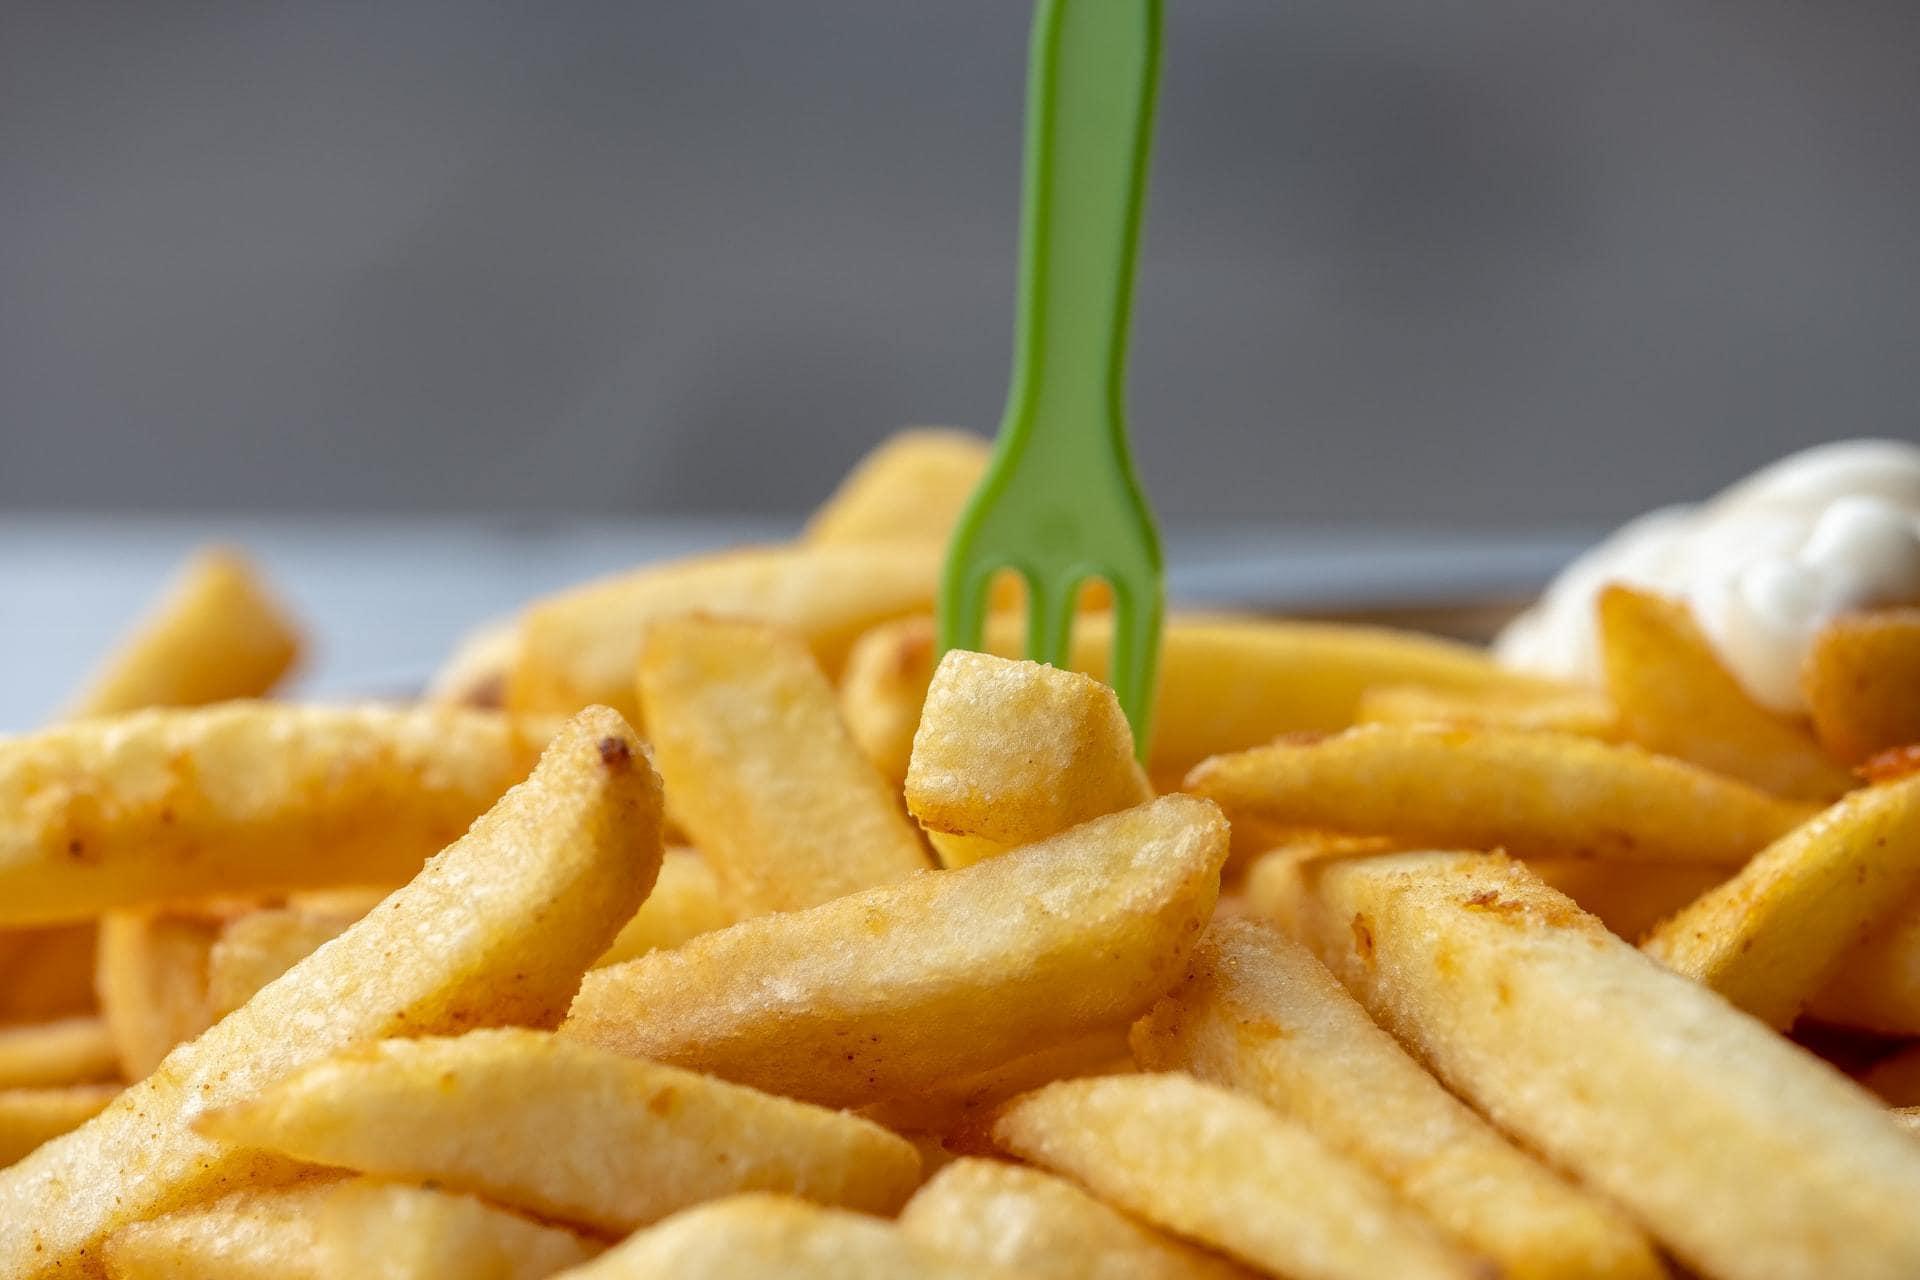 Frietjes met groen vorkje erin